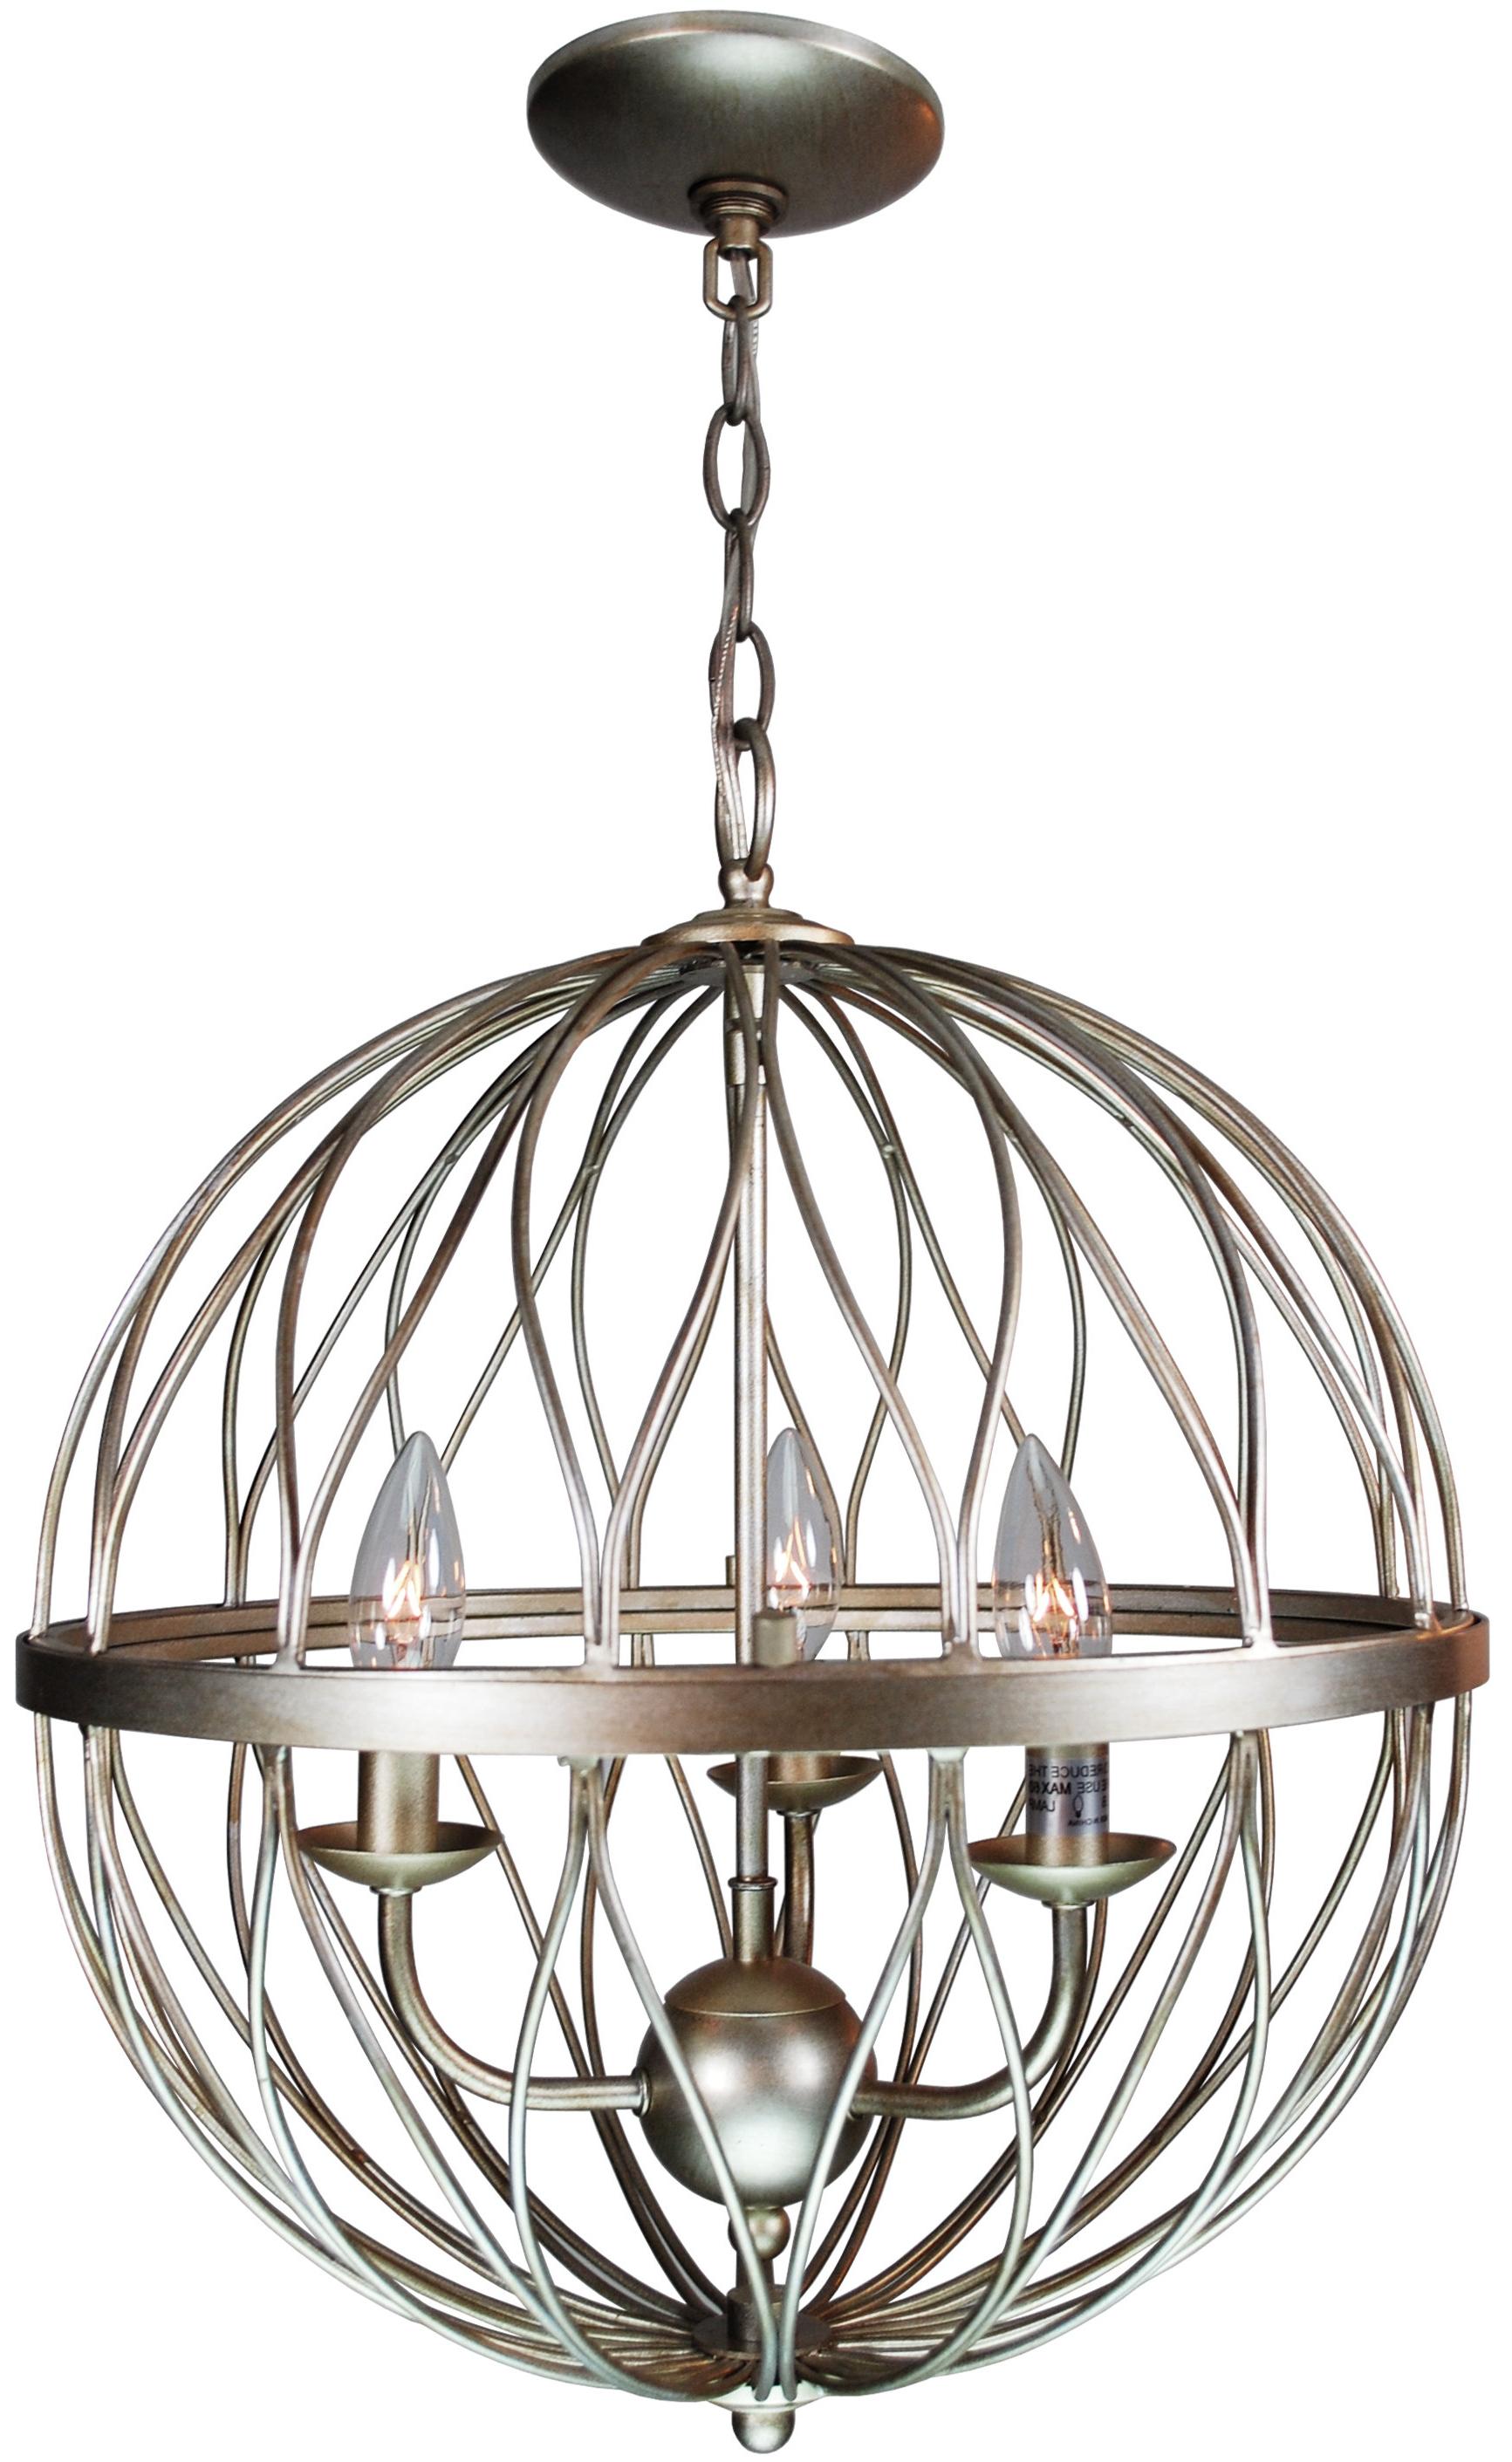 Brittain 3 Light Globe Chandelier In 2020 Shipststour 3 Light Globe Chandeliers (View 7 of 20)